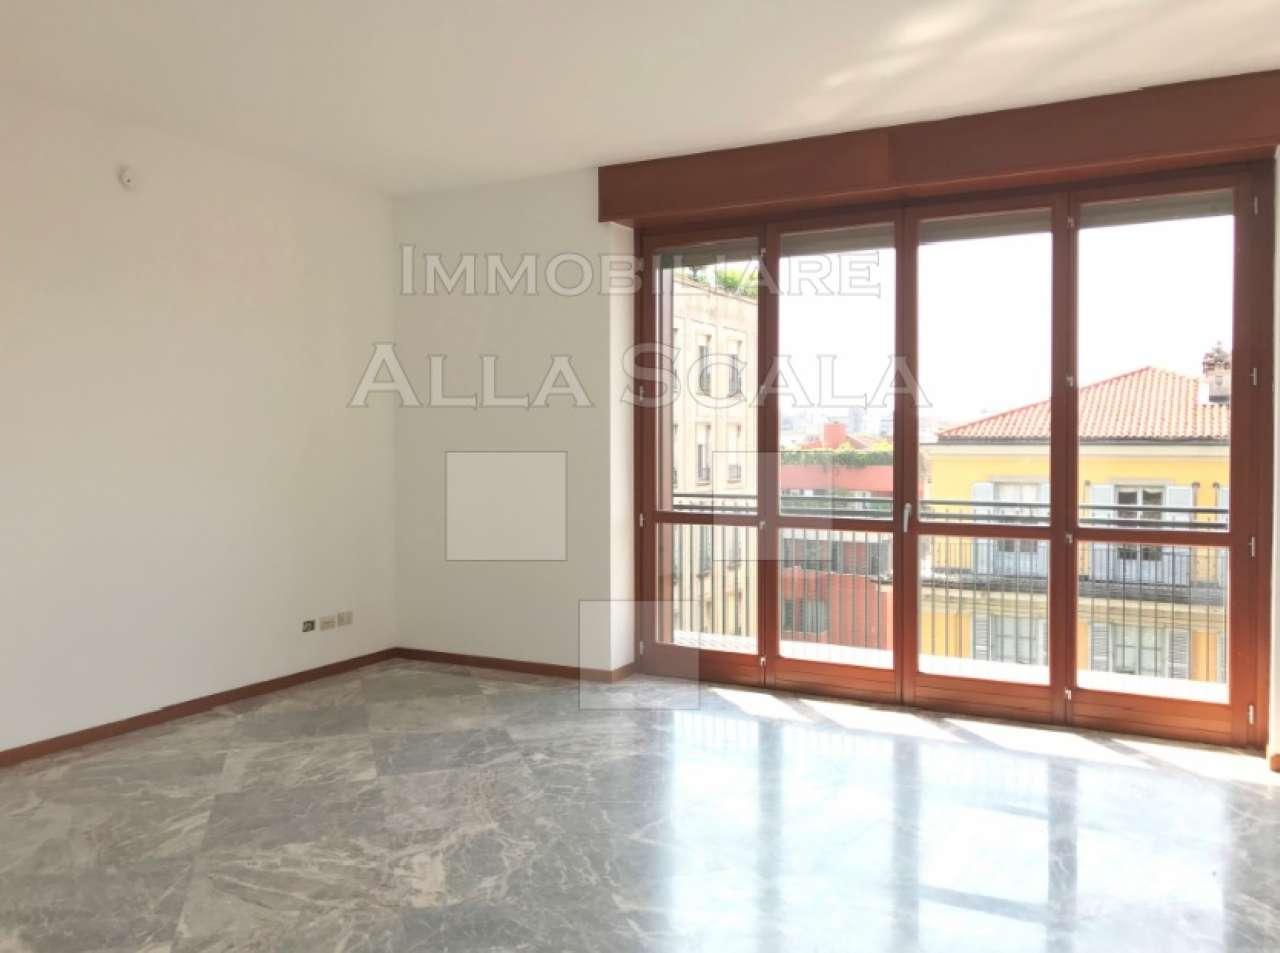 Appartamento in Affitto a Milano 01 Centro storico (Cerchia dei Navigli):  3 locali, 140 mq  - Foto 1